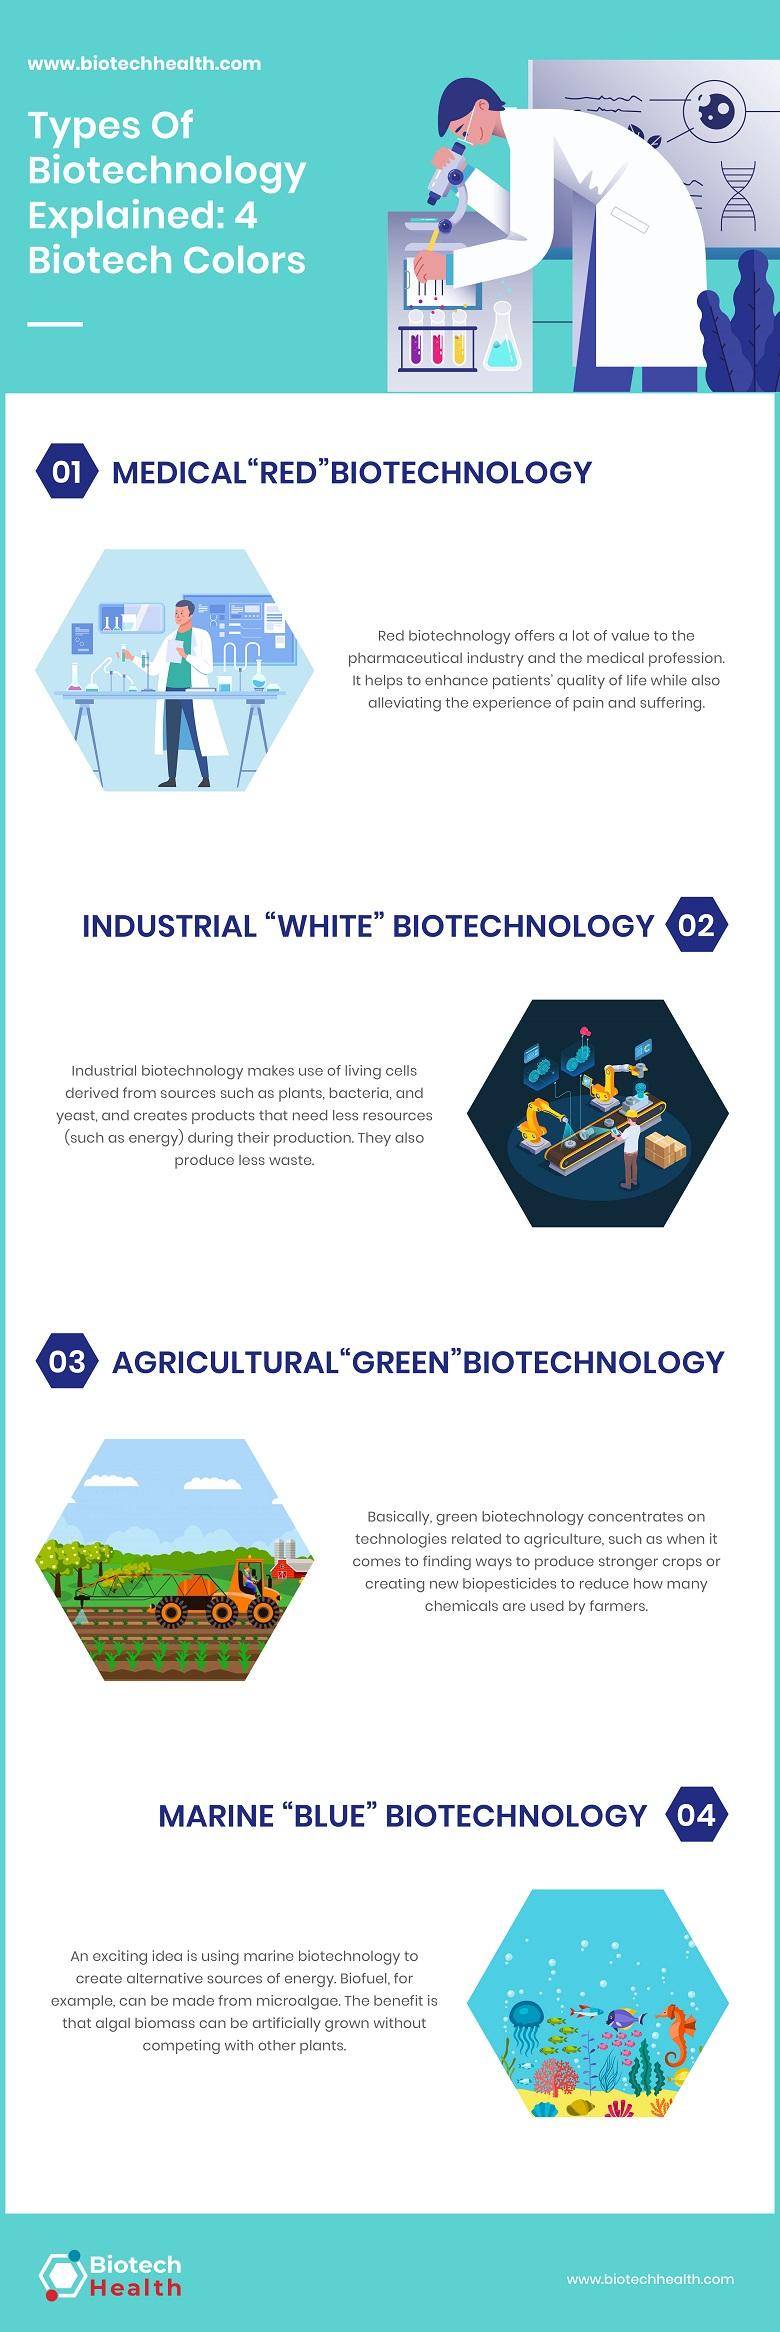 Biotechnology Types